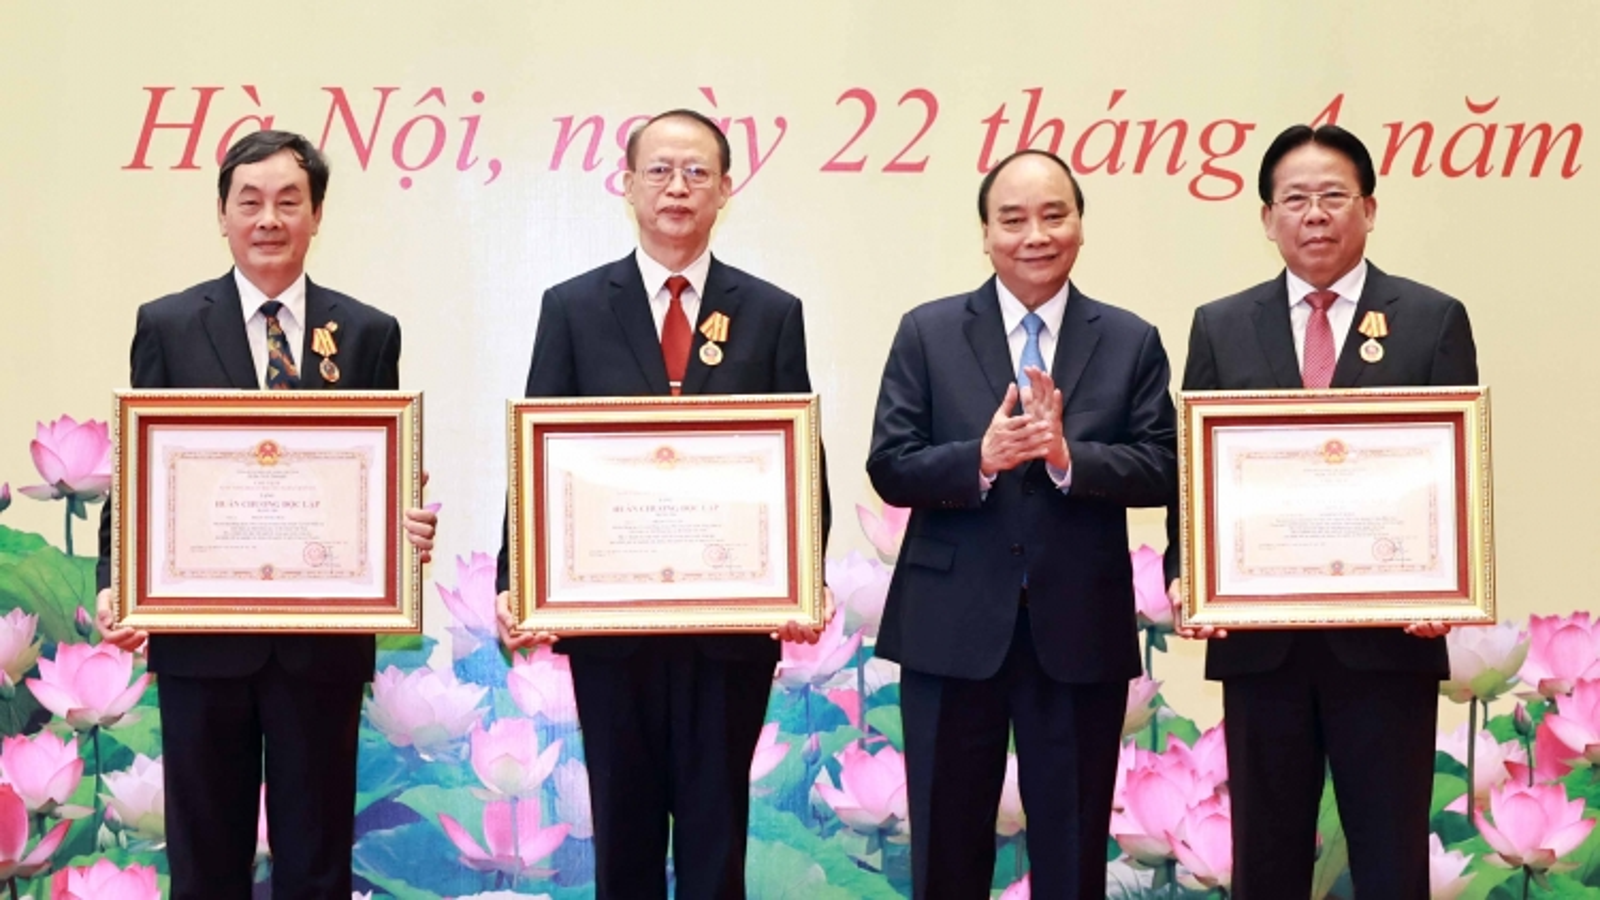 Chủ tịch nước trao danh hiệu Anh hùng Lao động và Huân chương cho nhà khoa học